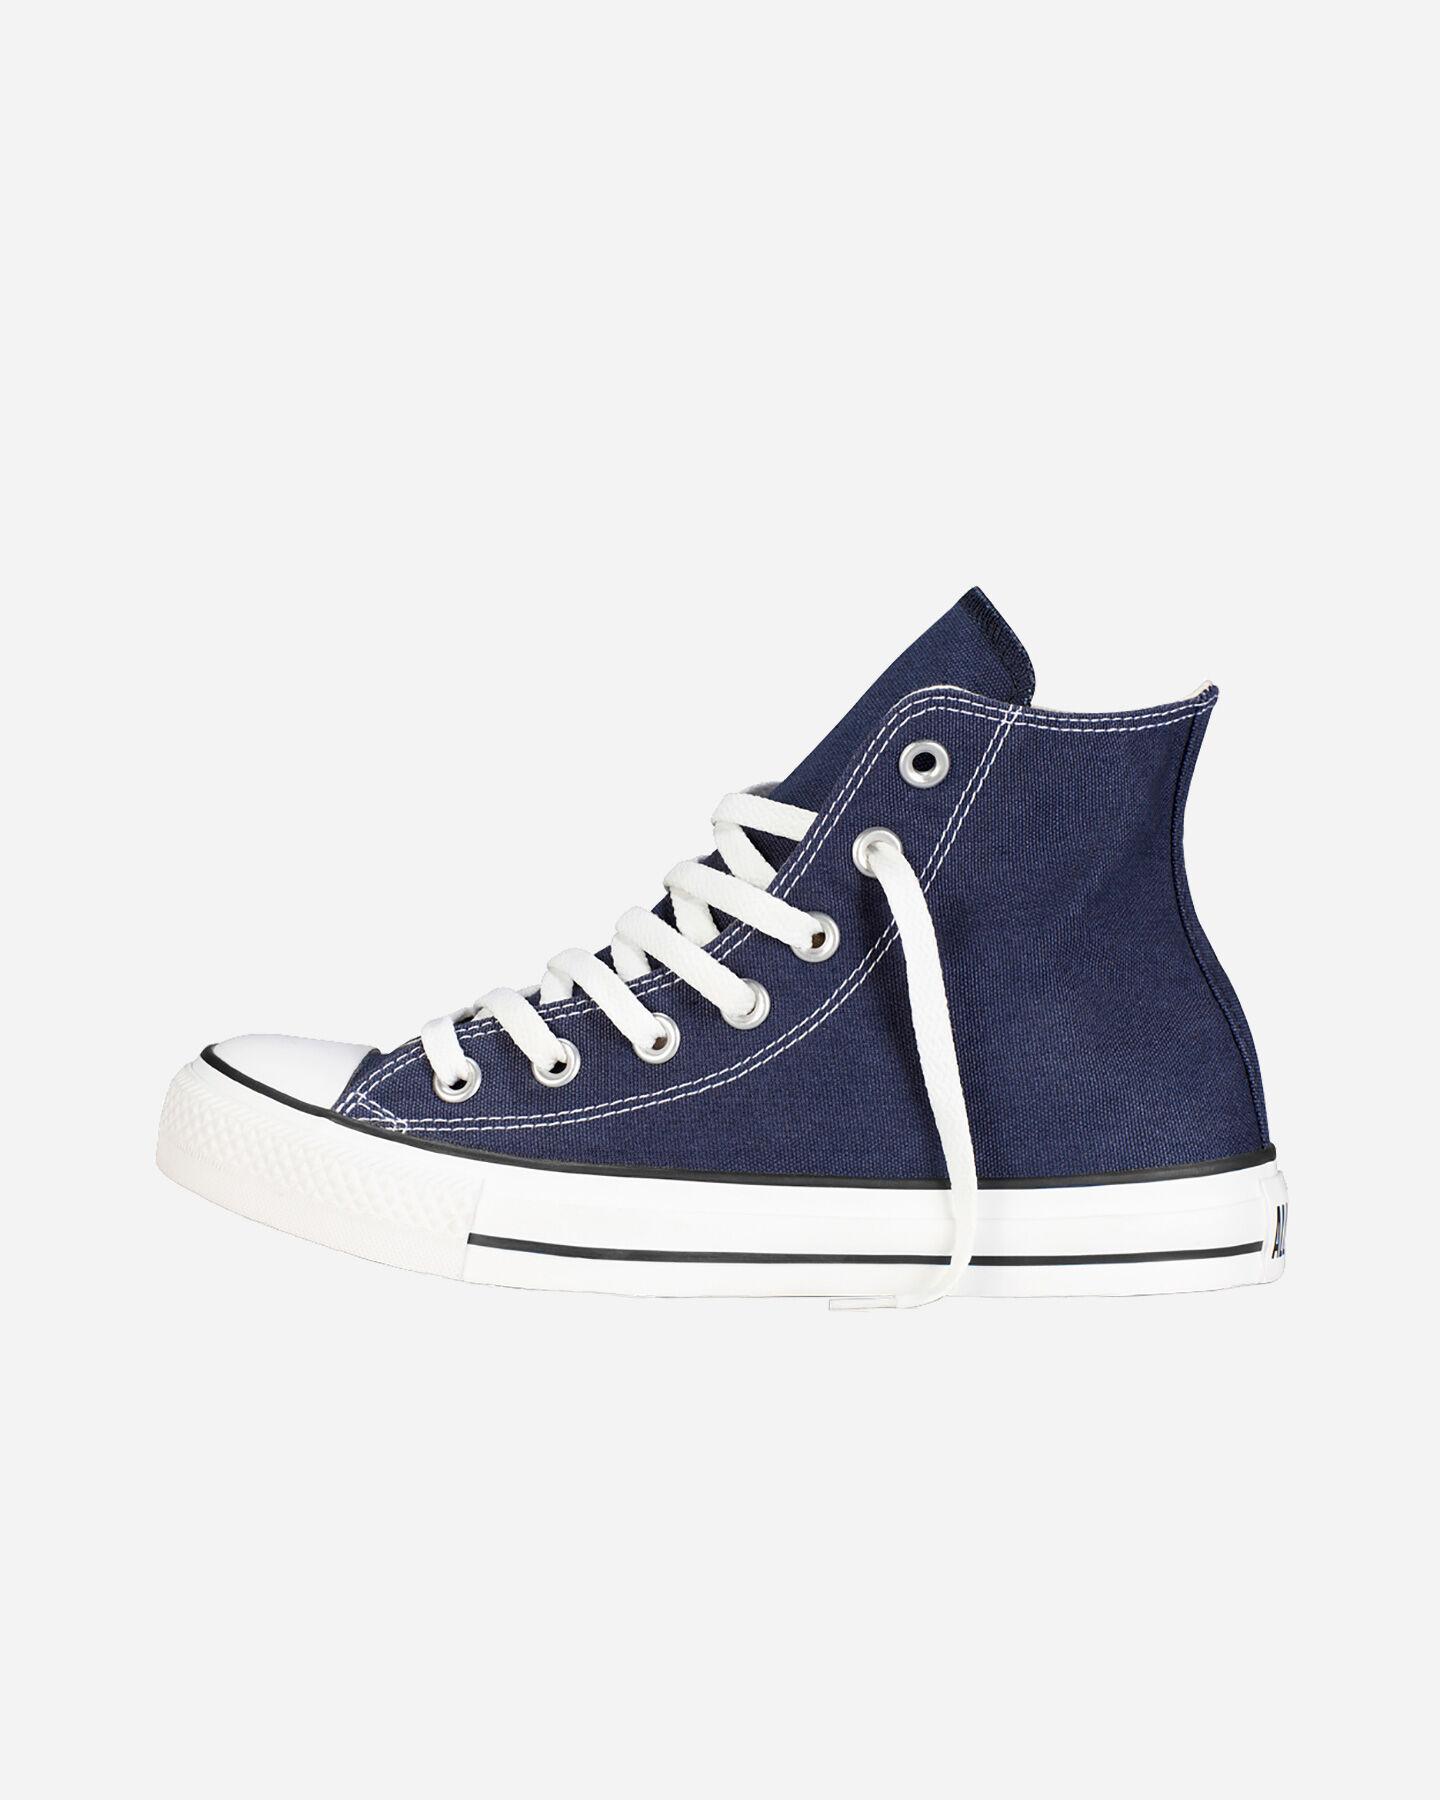 Scarpe sneakers CONVERSE CHUCK TAYLOR ALL STAR HI M S0680503 scatto 3